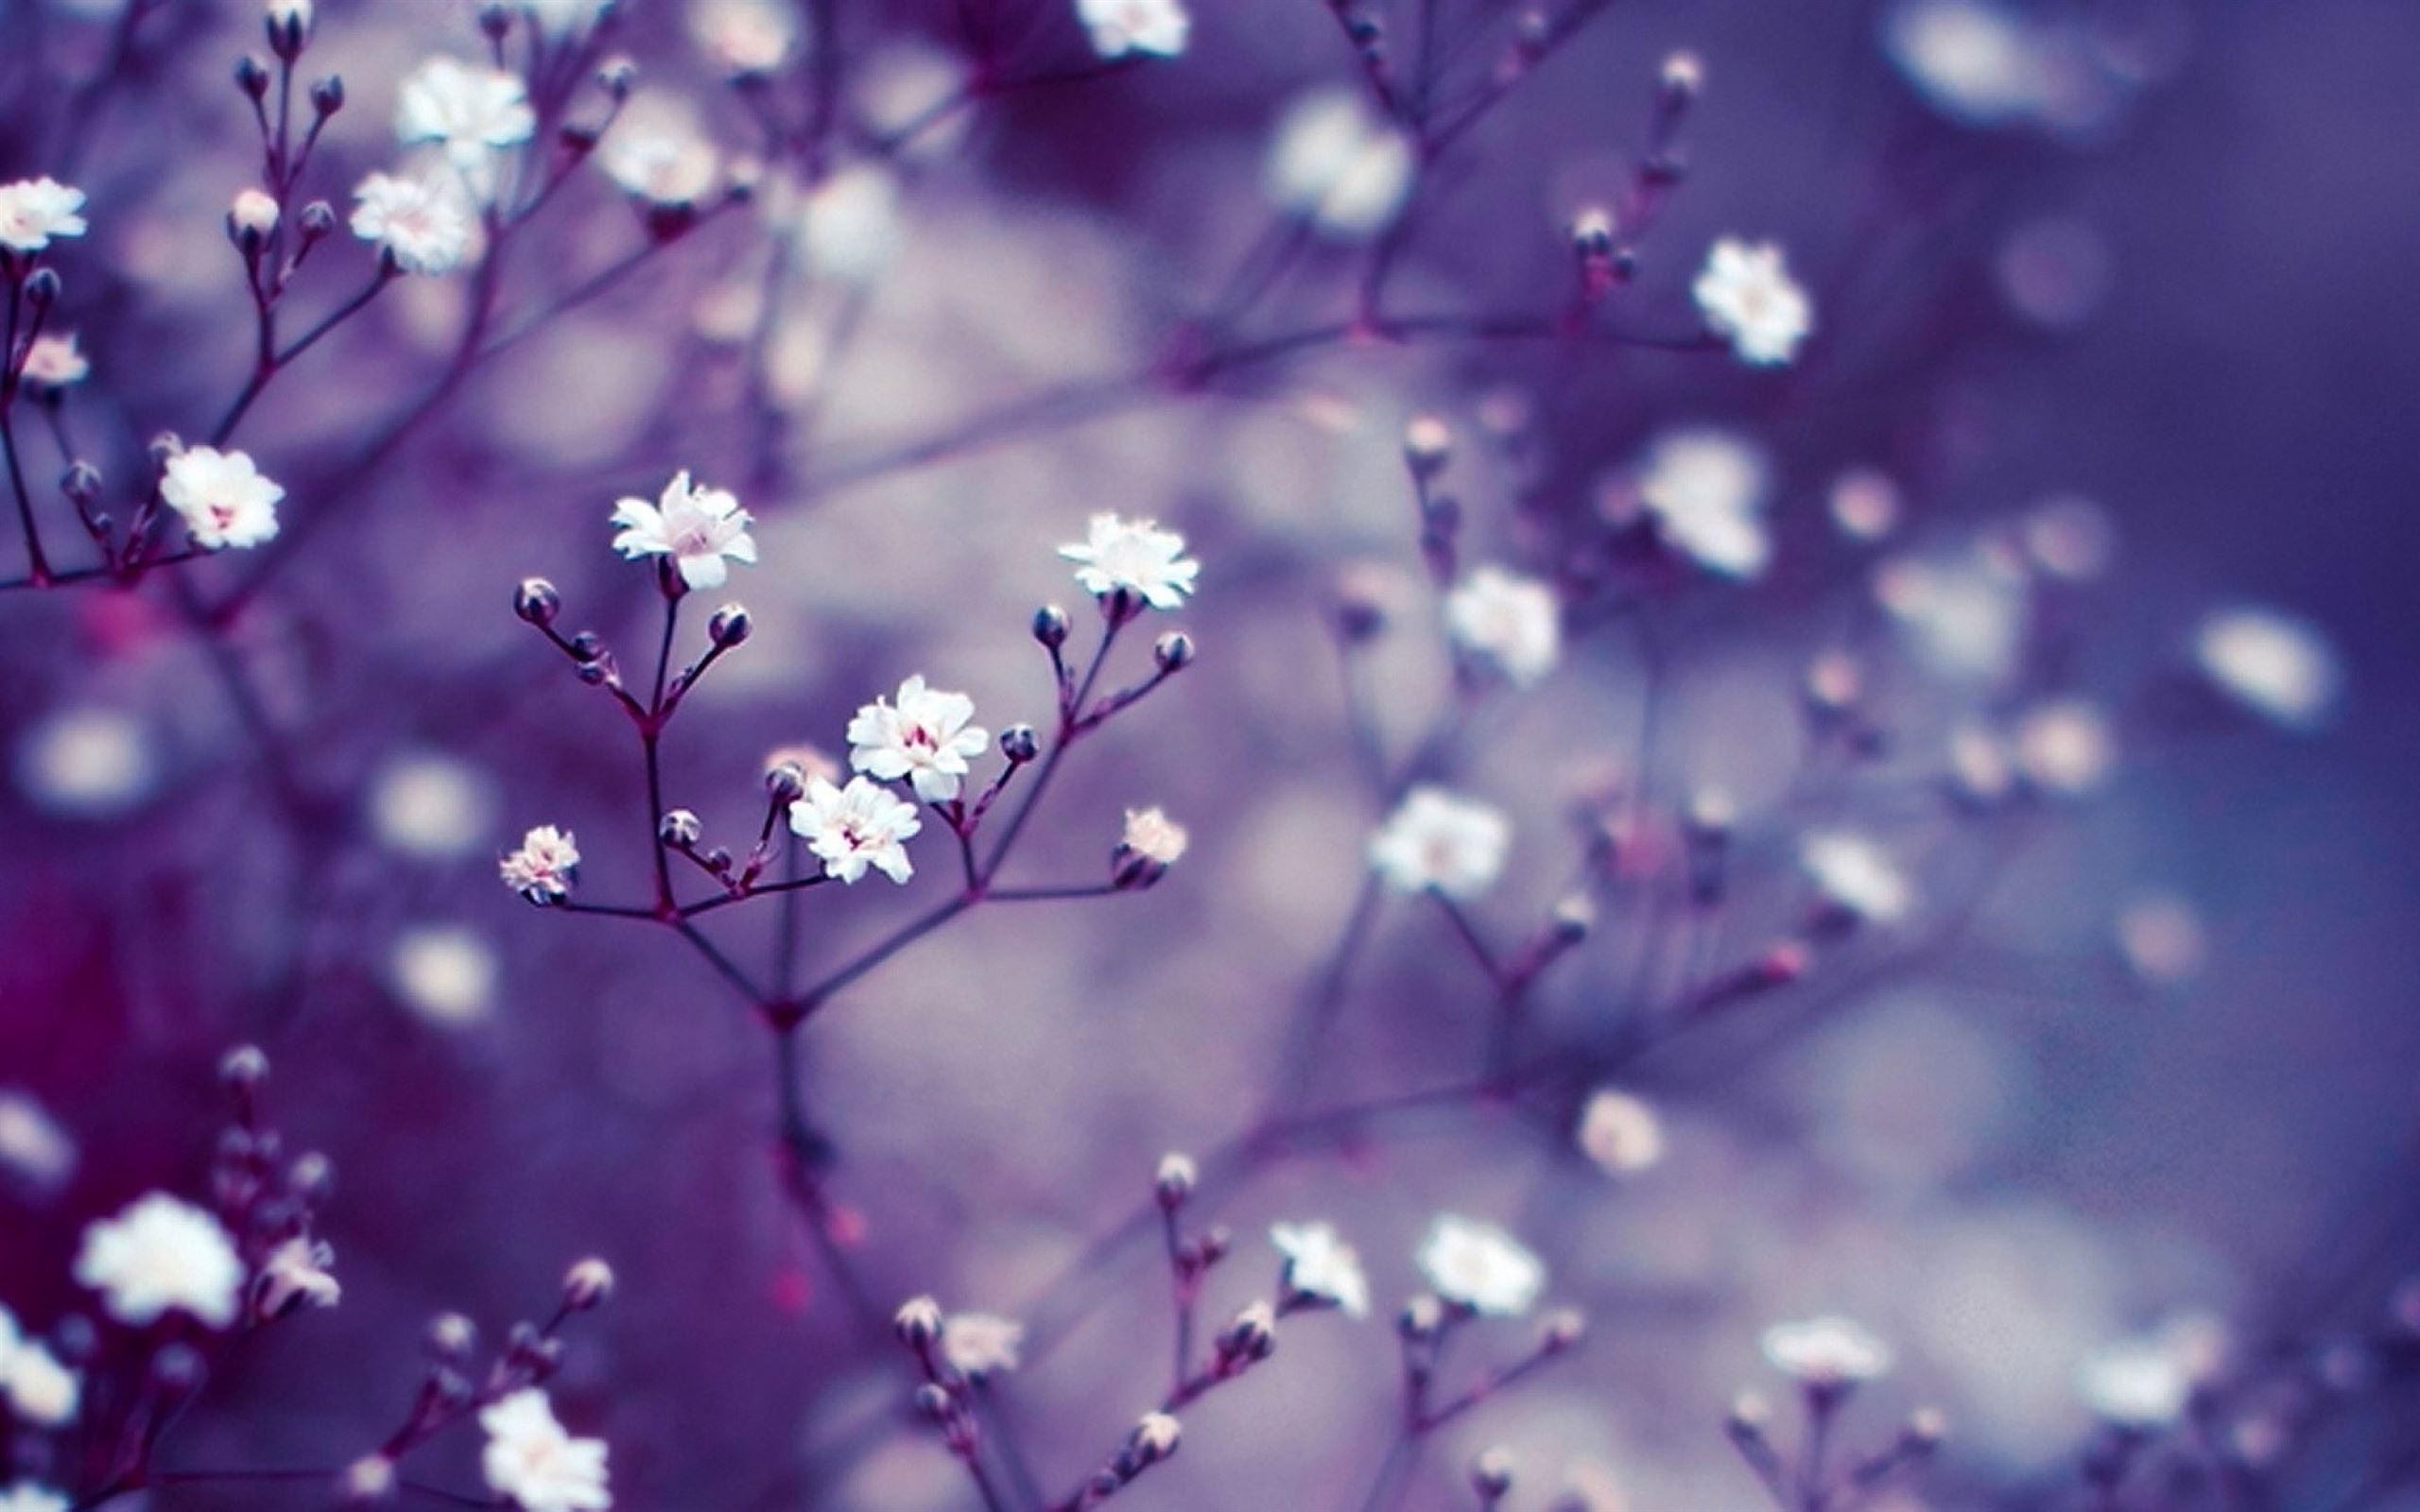 Nature Flowers Macro Mac Wallpaper Download | Free Mac ...